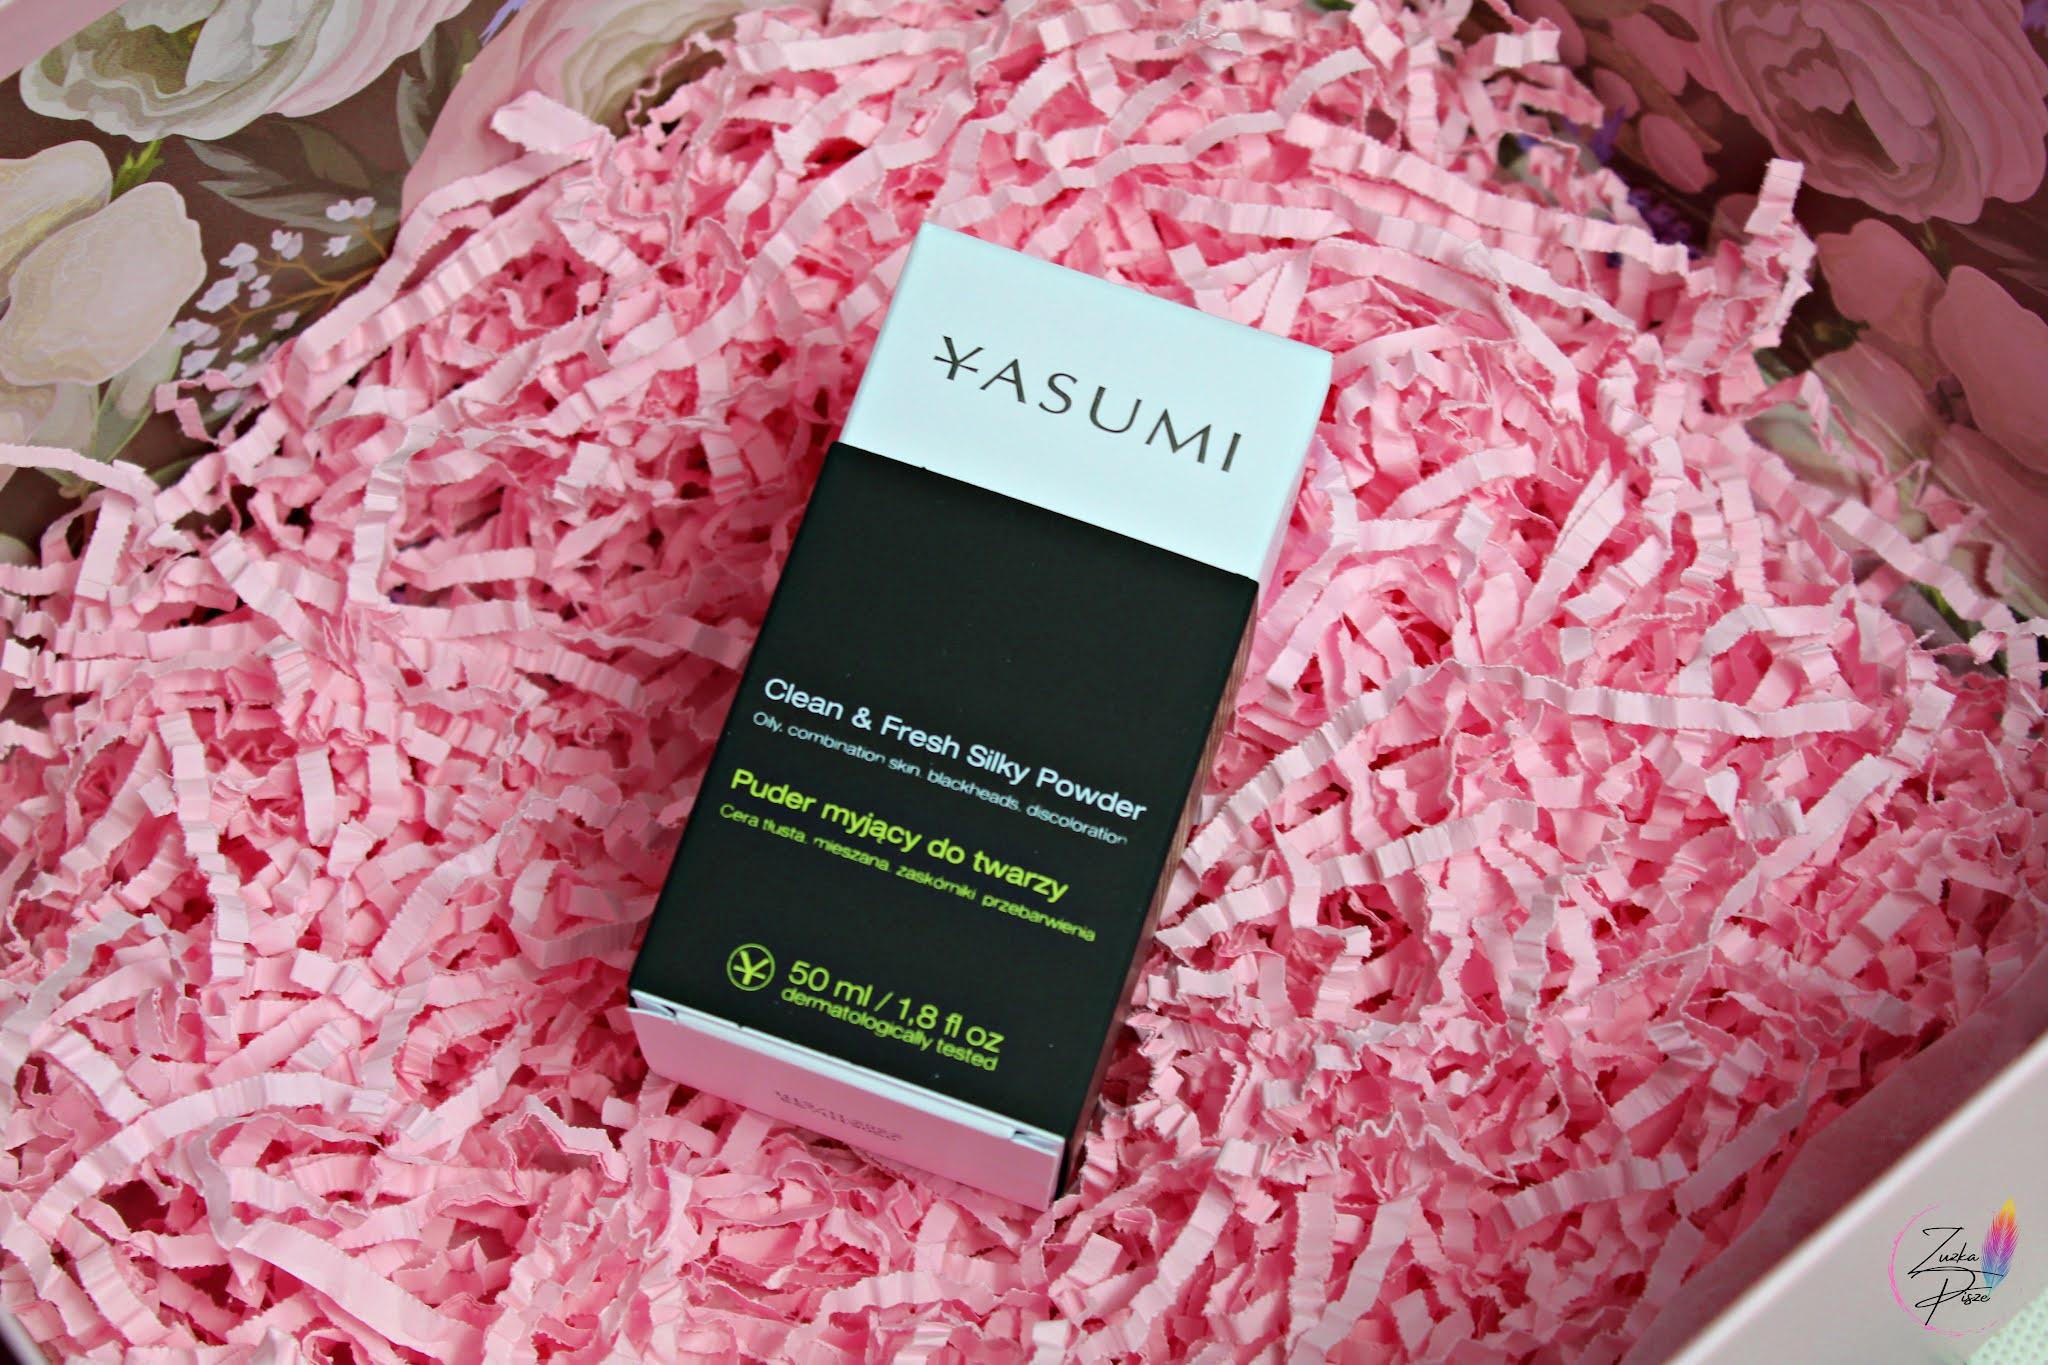 YASUMI Oczyszczający proszek do twarzy CLEAN & FRESH SILKY POWDER